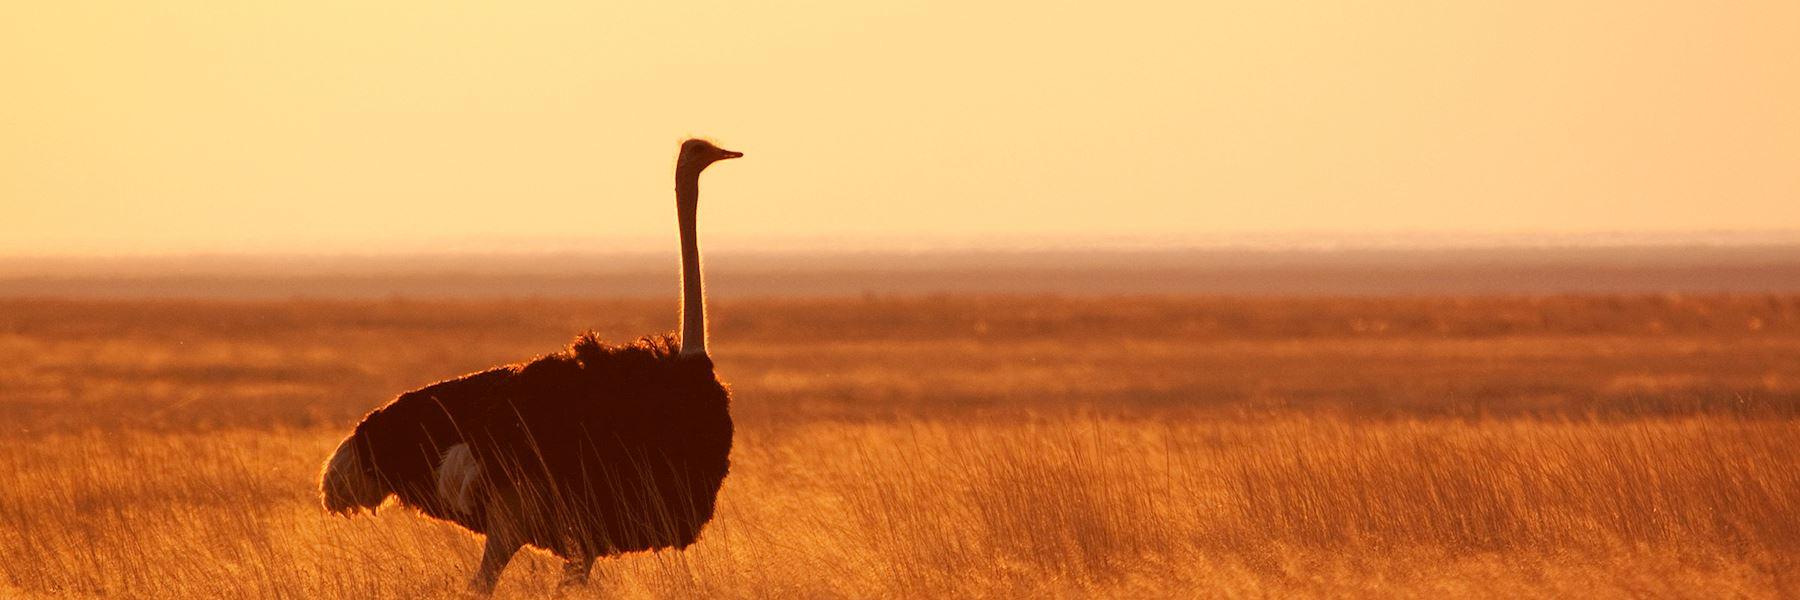 Zambia safaris and vacations